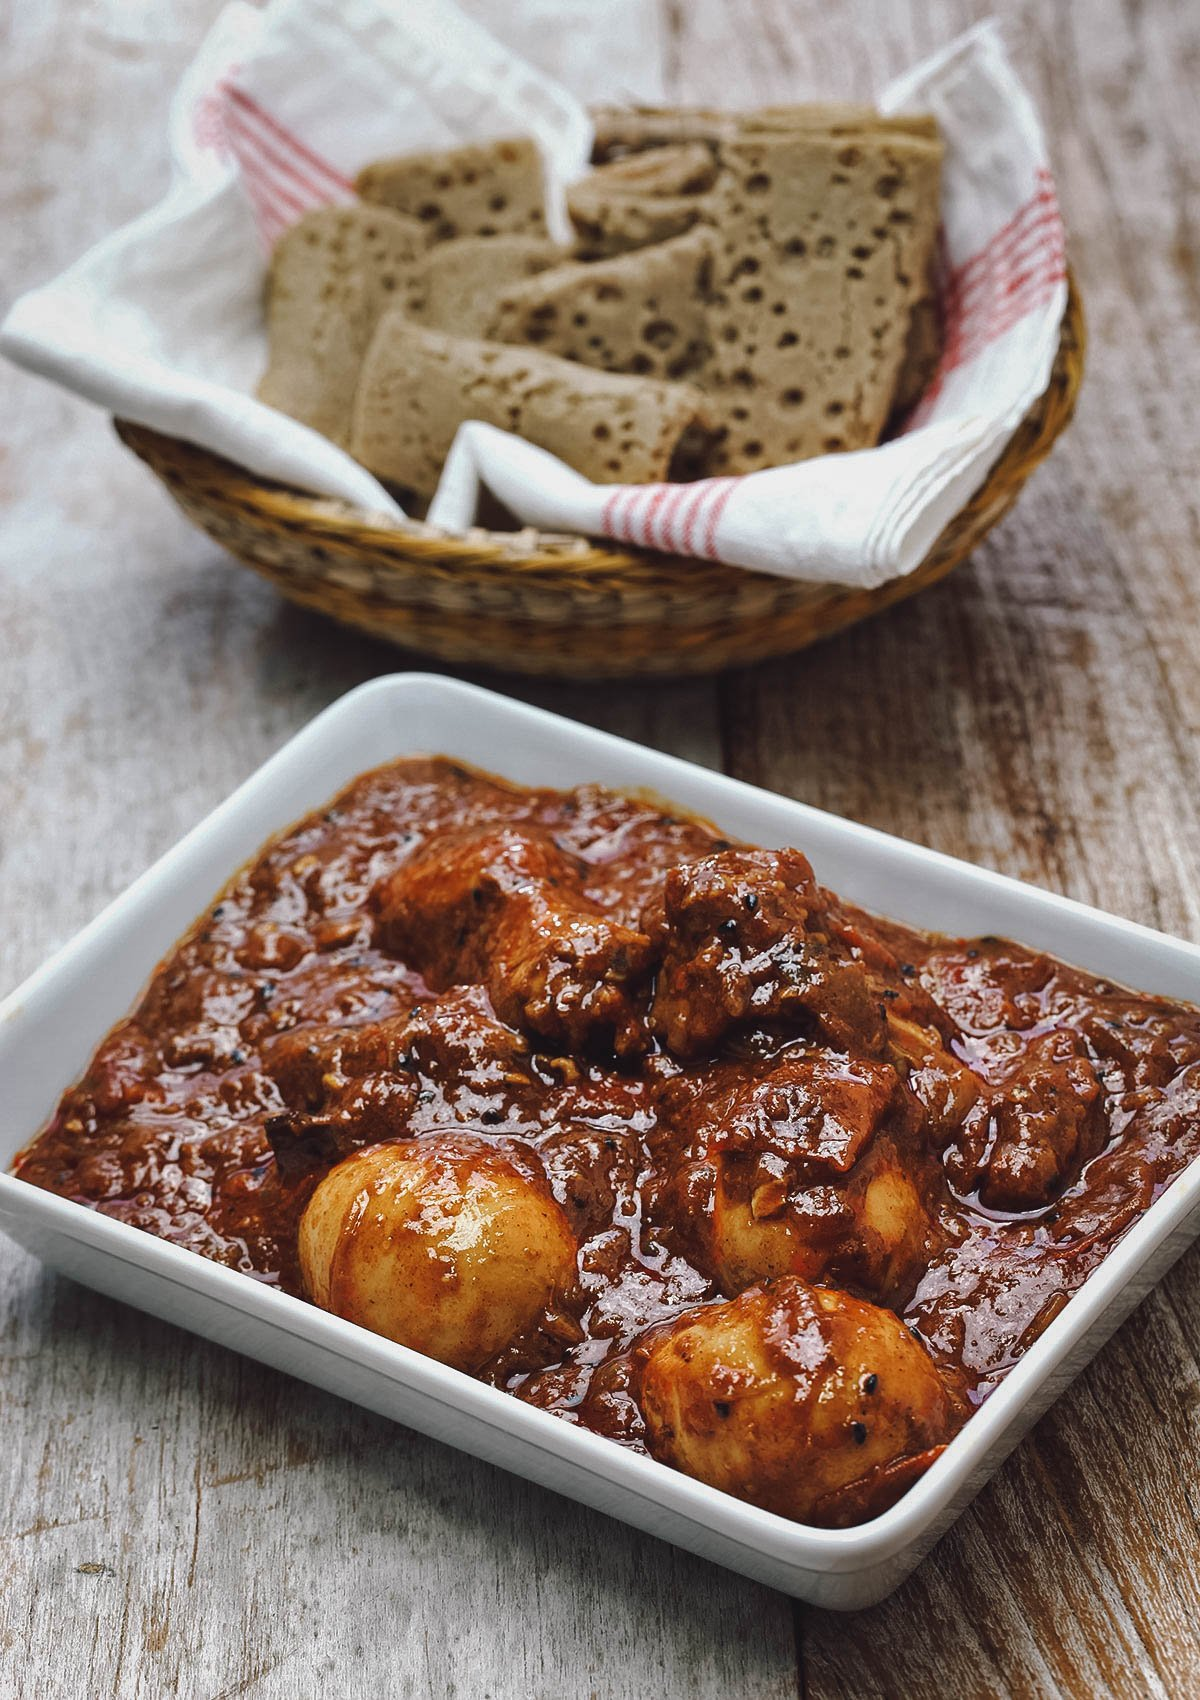 Doro wat, a popular chicken stew in Ethiopia